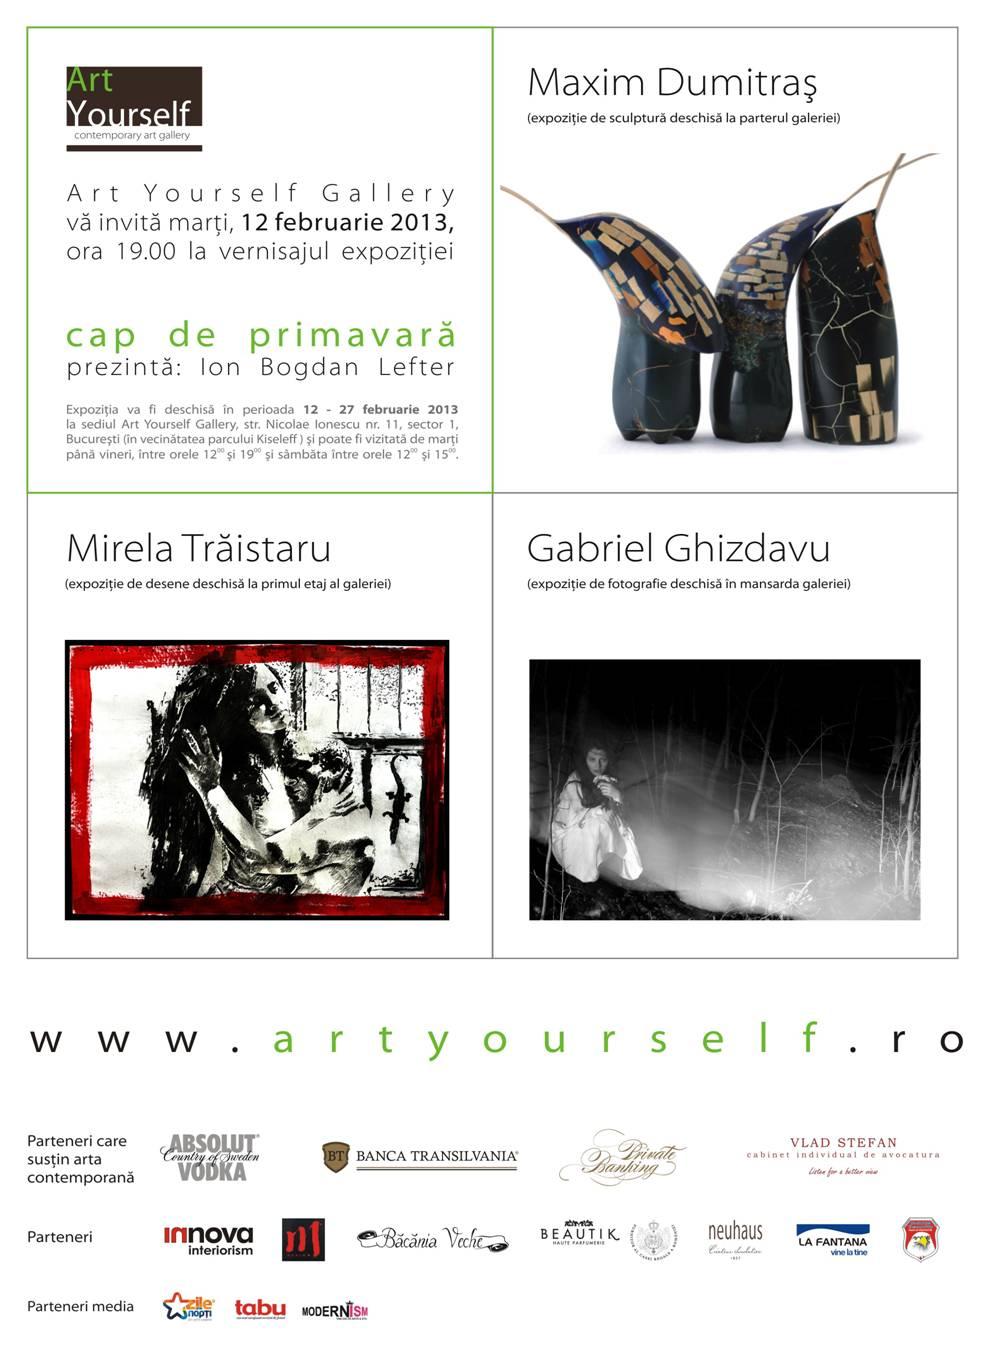 """Mirela Trăistaru, Maxim Dumitraș si Gabriel Ghizdavu """"Cap de primăvară"""" @ Art Yourself Gallery"""